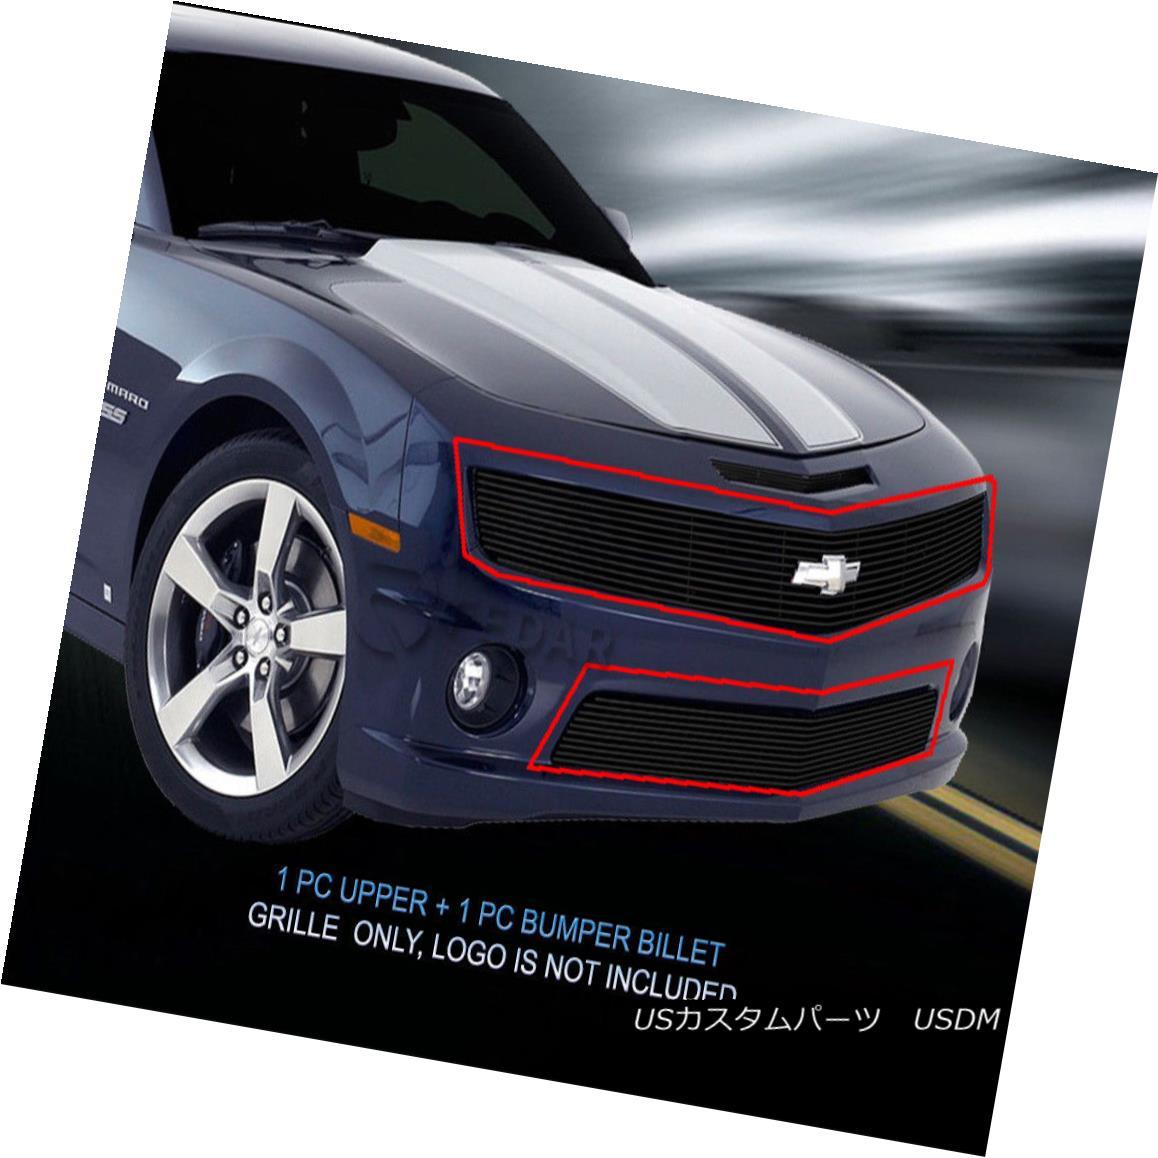 グリル Fedar Fits 2010-2013 Chevy Camaro SS V8 Black Billet Grille Insert Fedarフィット2010-2013シボレーカマロSS V8ブラックビレットグリルインサート